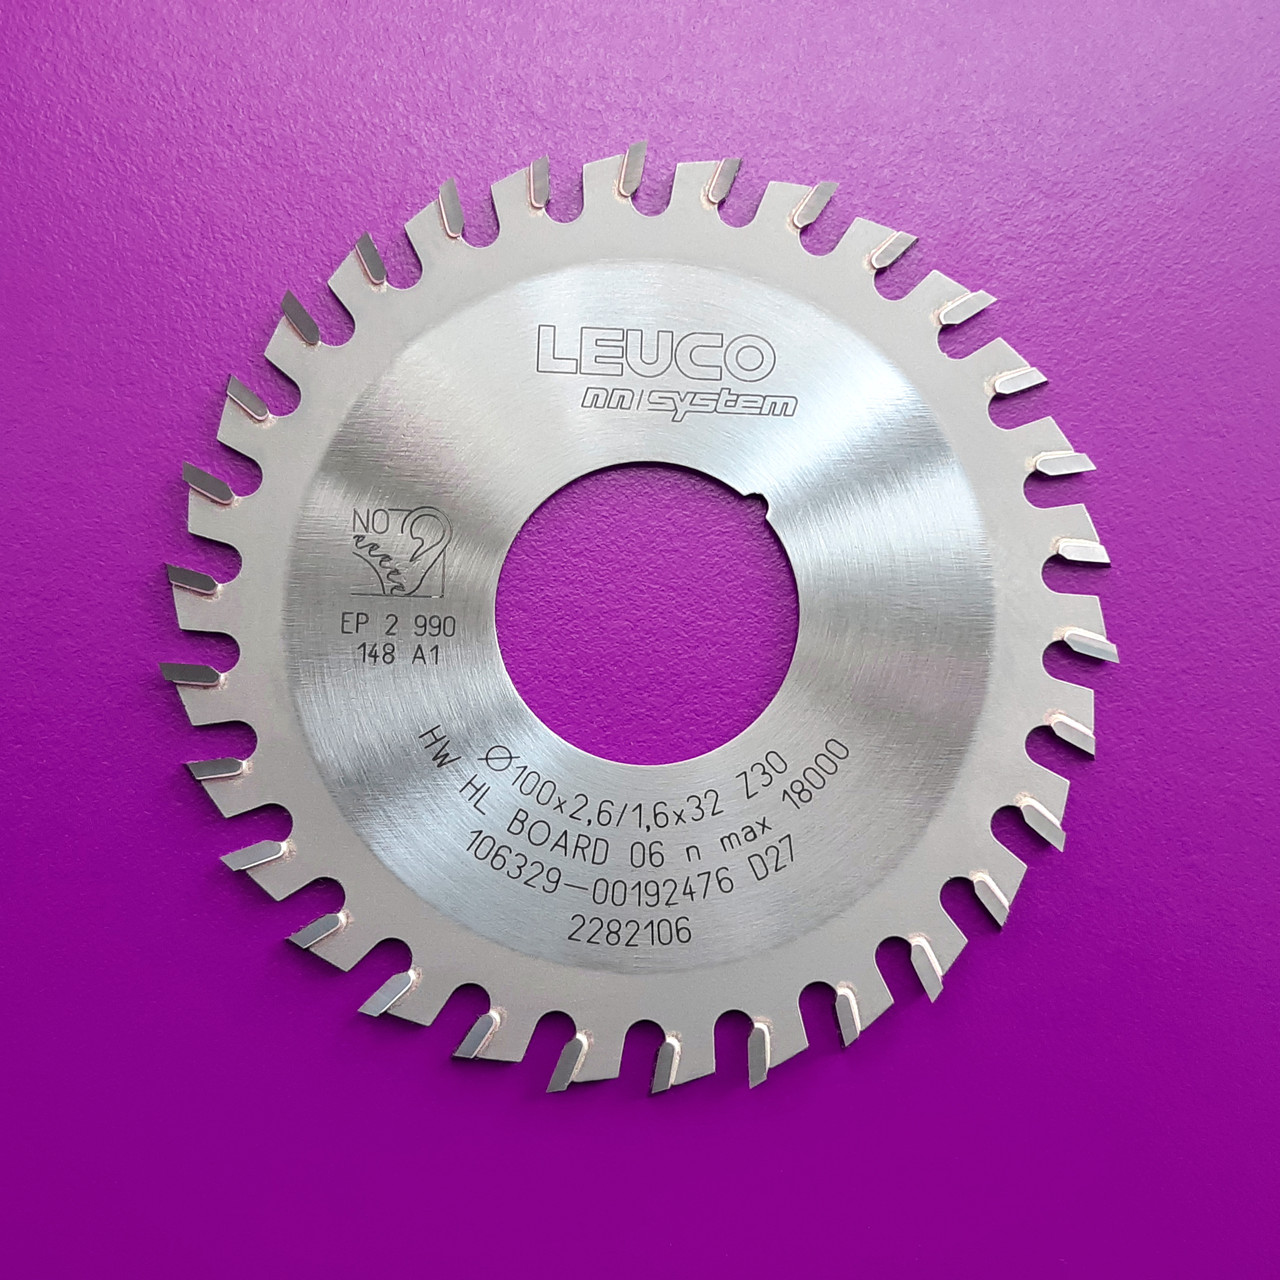 100x2,6x1,6x32 z=30 Торцевые дисковые пилы Leuco nn-System для обработки кромок (Brandt)